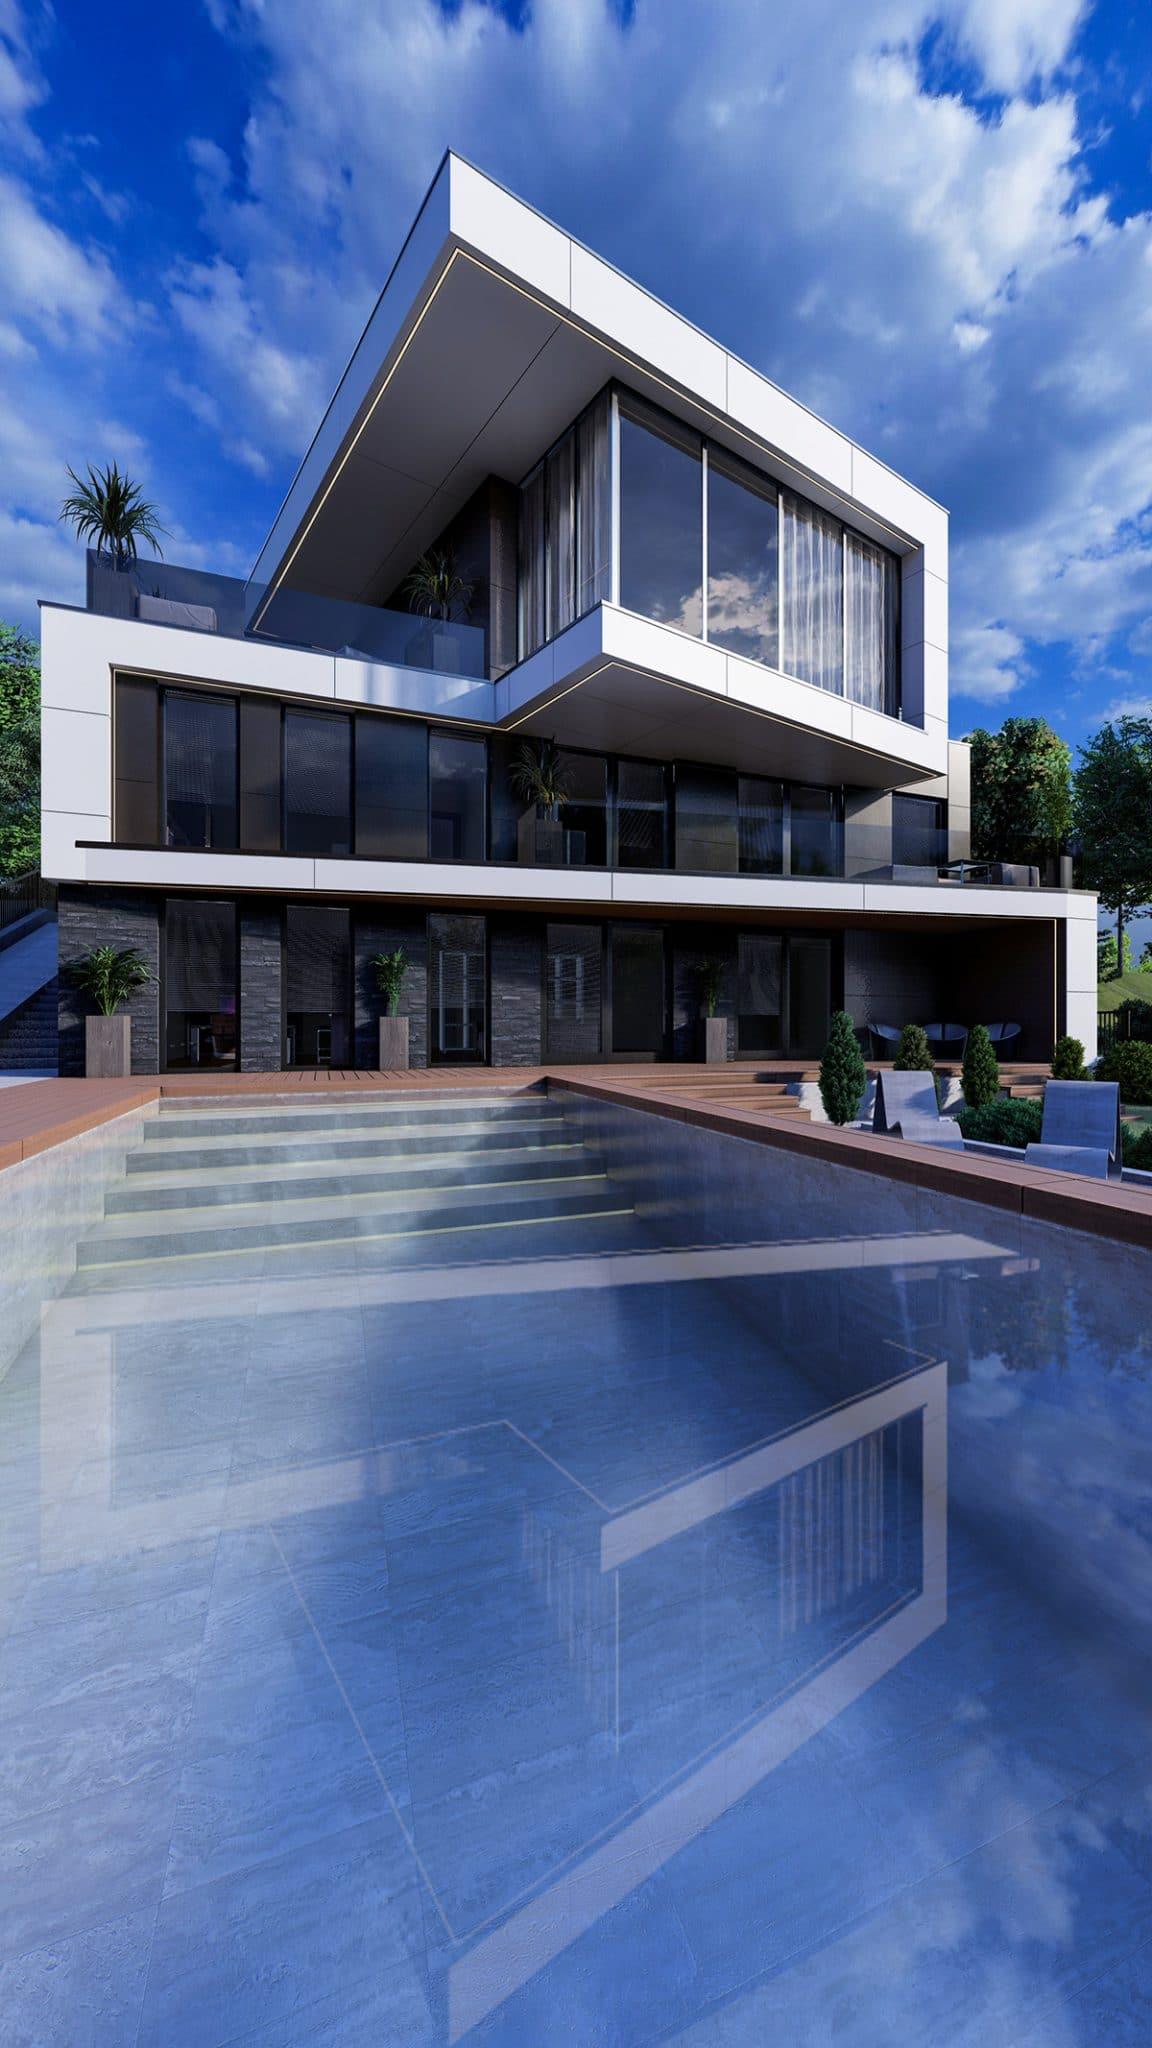 Proiectul casei in stil modern cu bazin in chisinau